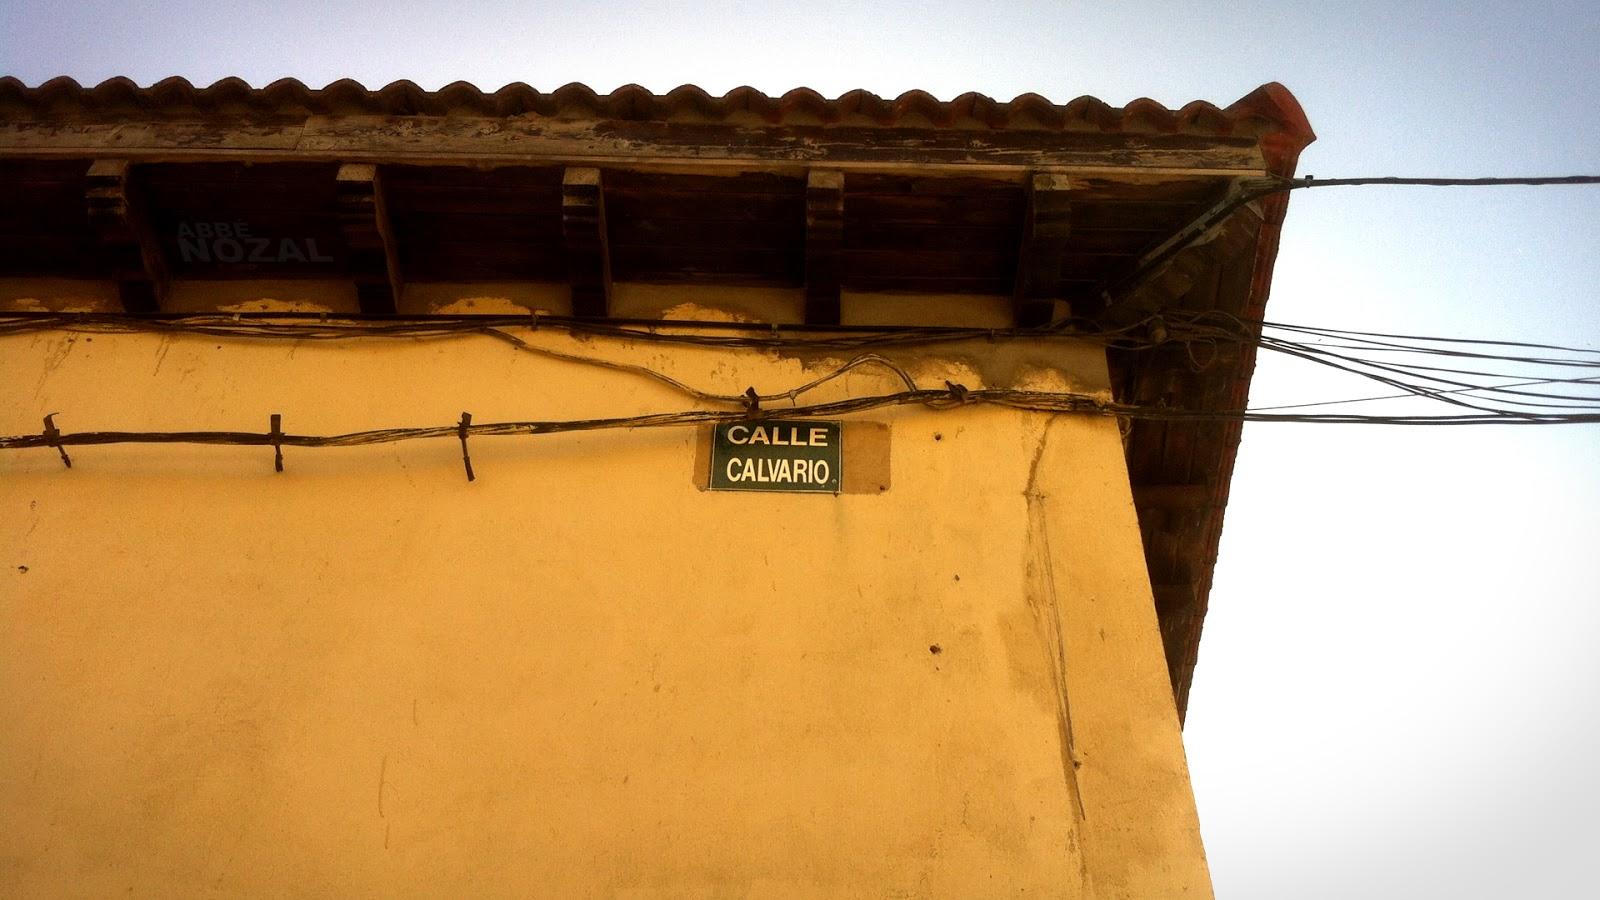 Calle Calvario, 2014 Abbé Nozal